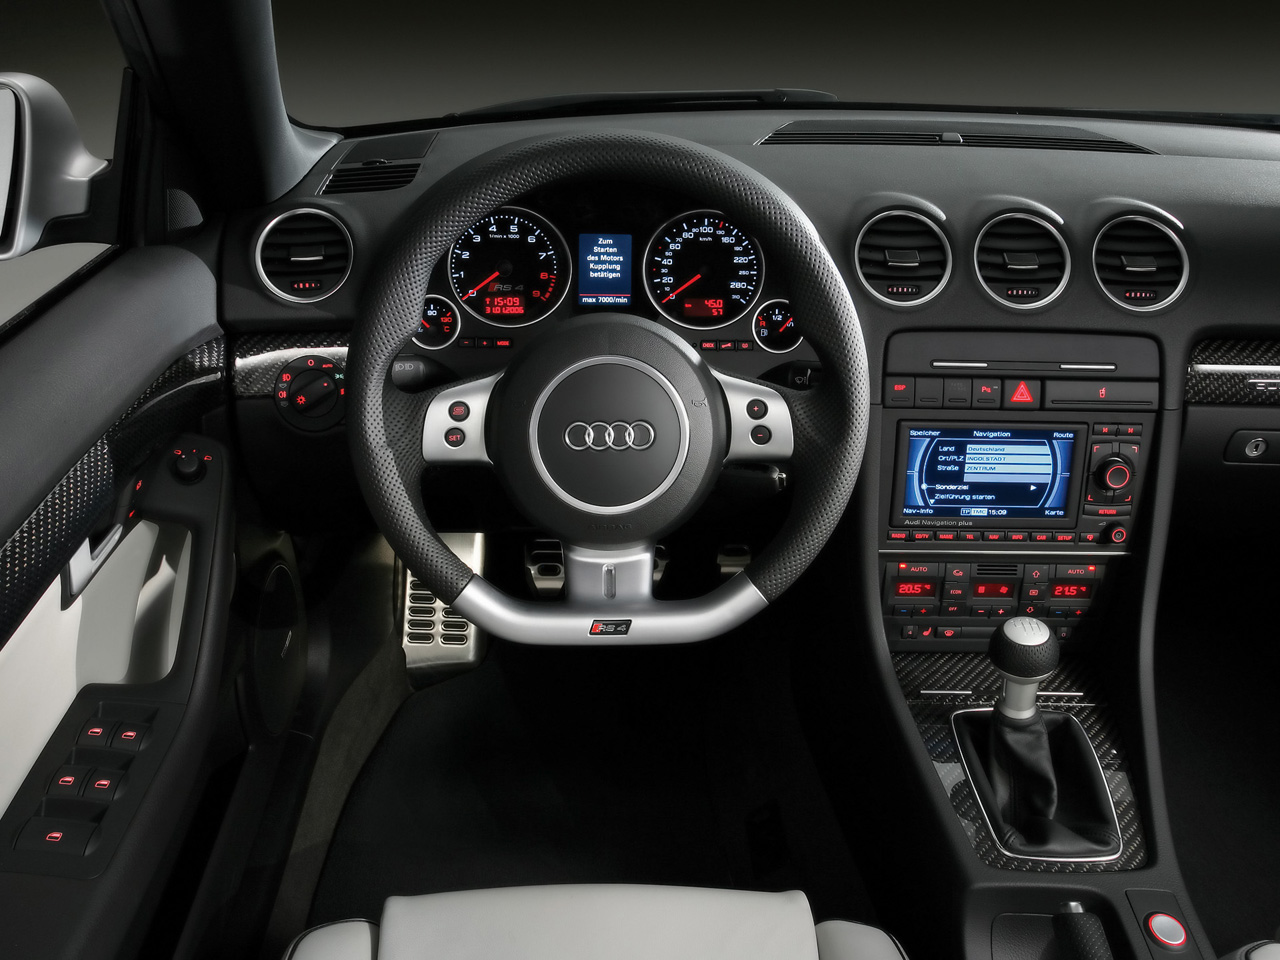 http://1.bp.blogspot.com/_A_RvEJx_SlM/TAzz1ZIJtiI/AAAAAAAAAEc/lM2TNLE5phQ/s1600/audi+rs4+interior.jpg